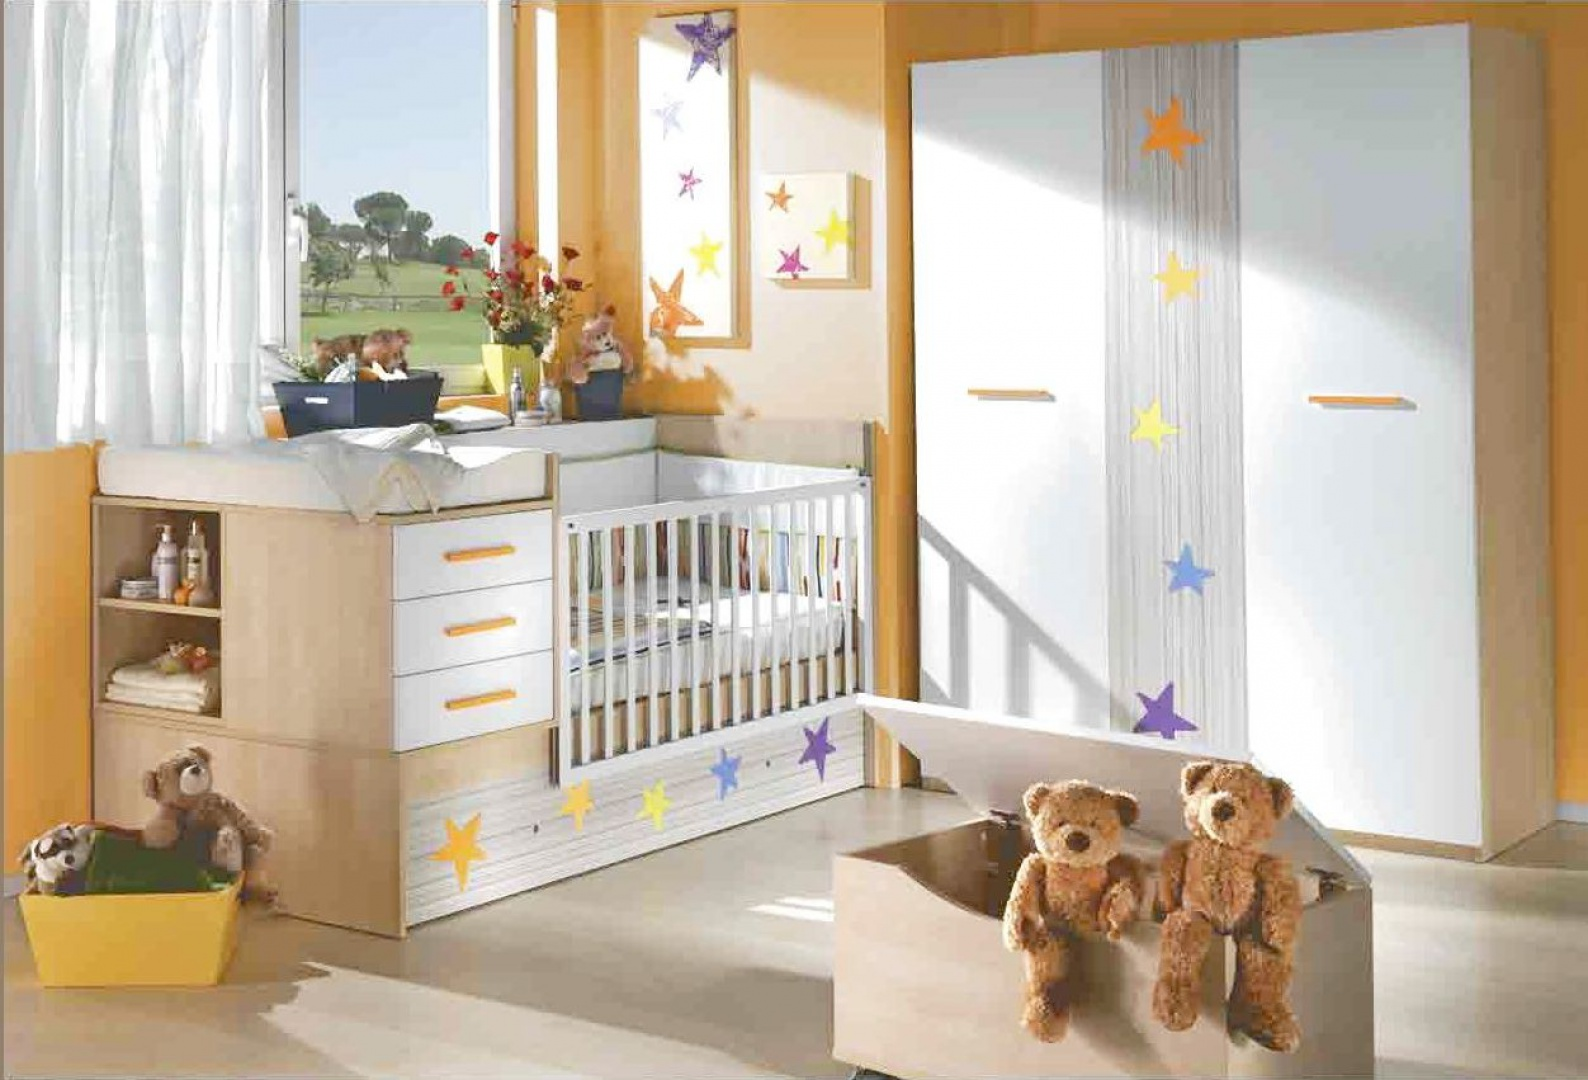 Pojemniki i kosze na zabawki to praktyczne przedmioty, które pomogą utrzymać porządek w pokoju dziecka. Warto, by były w różnych kolorach, dzięki czemu maluchowi łatwiej będzie segregować przedmioty. Fot. Ros.